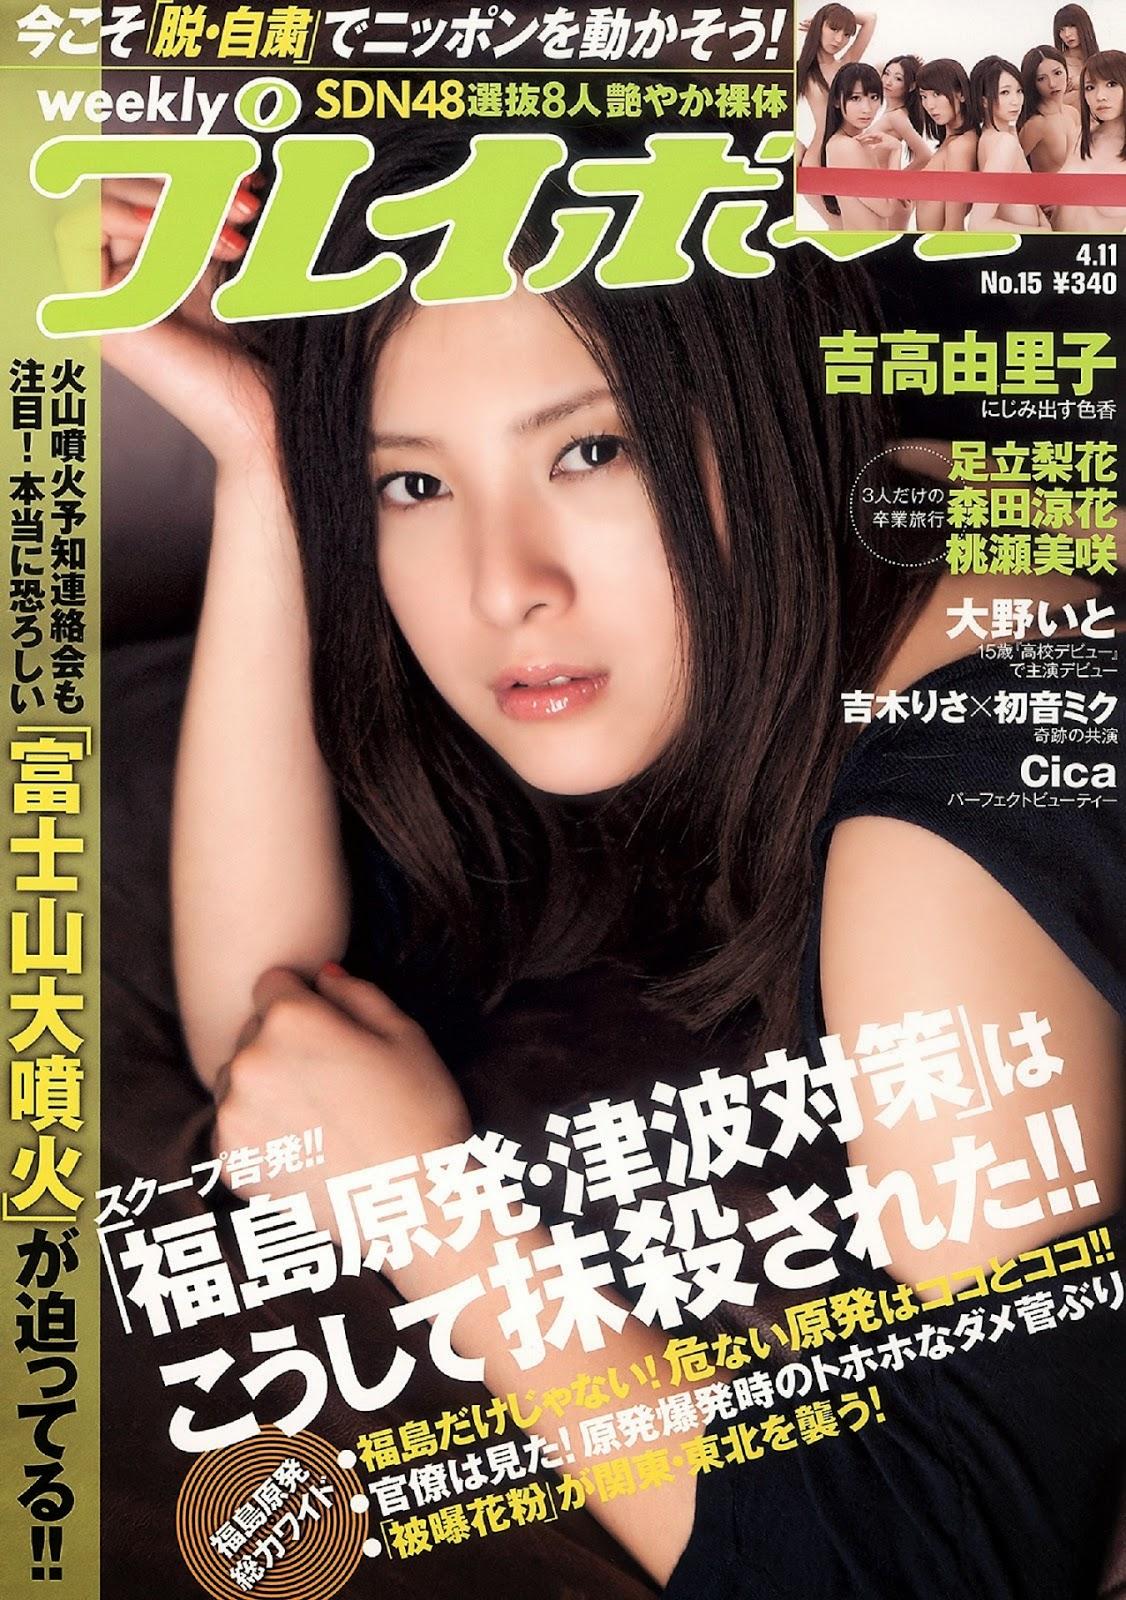 Yuriko Yoshitaka 吉高由里子 Weekly Playboy No 15 2011 Cover